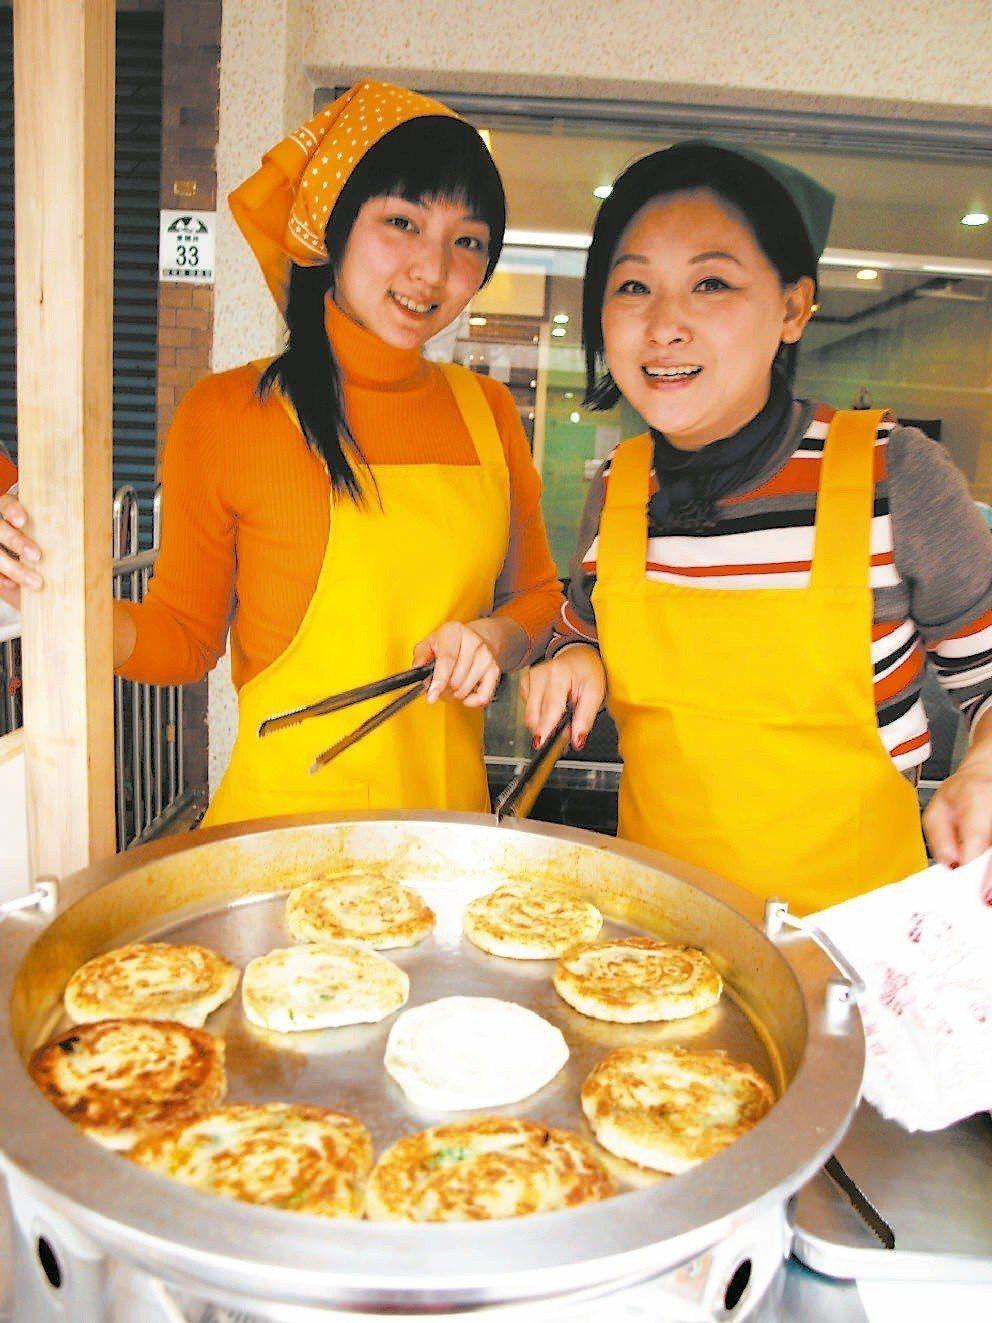 慕鈺華(右)昔日帶著女兒張瑞涵一起煎青蔥餅。記者廖雅欣/攝影